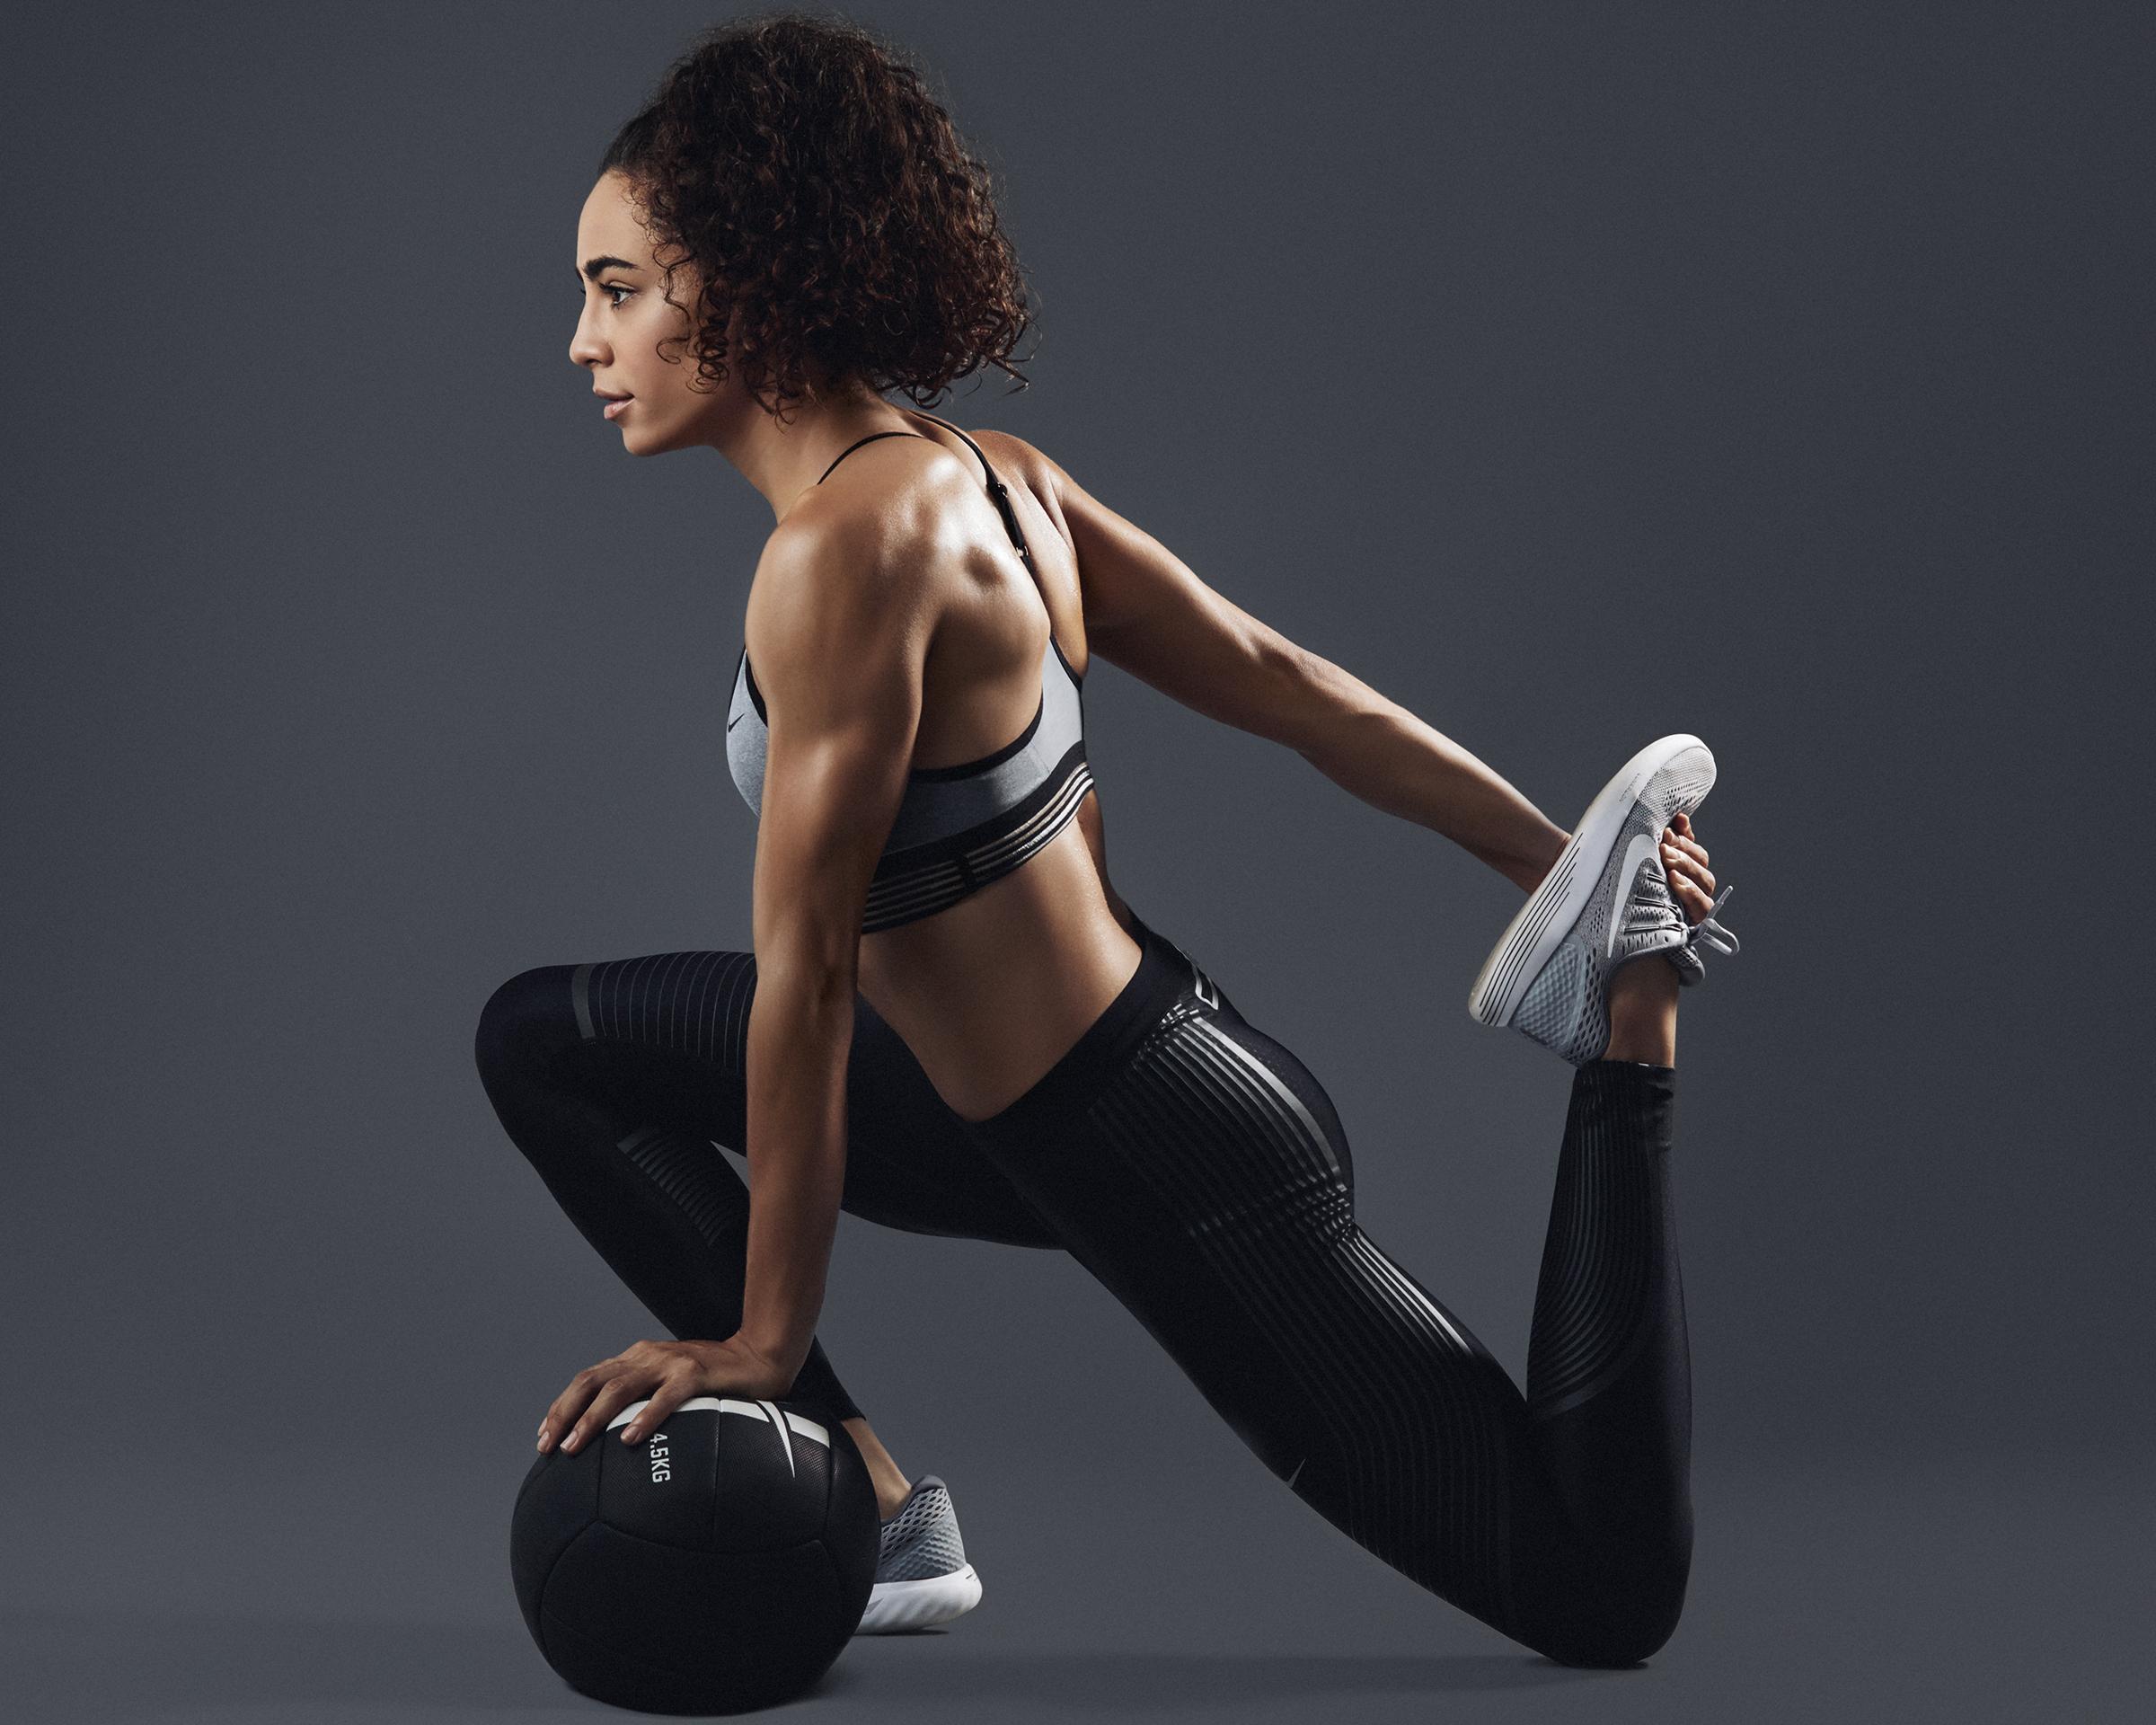 Fitness-33-Morgan4.jpg